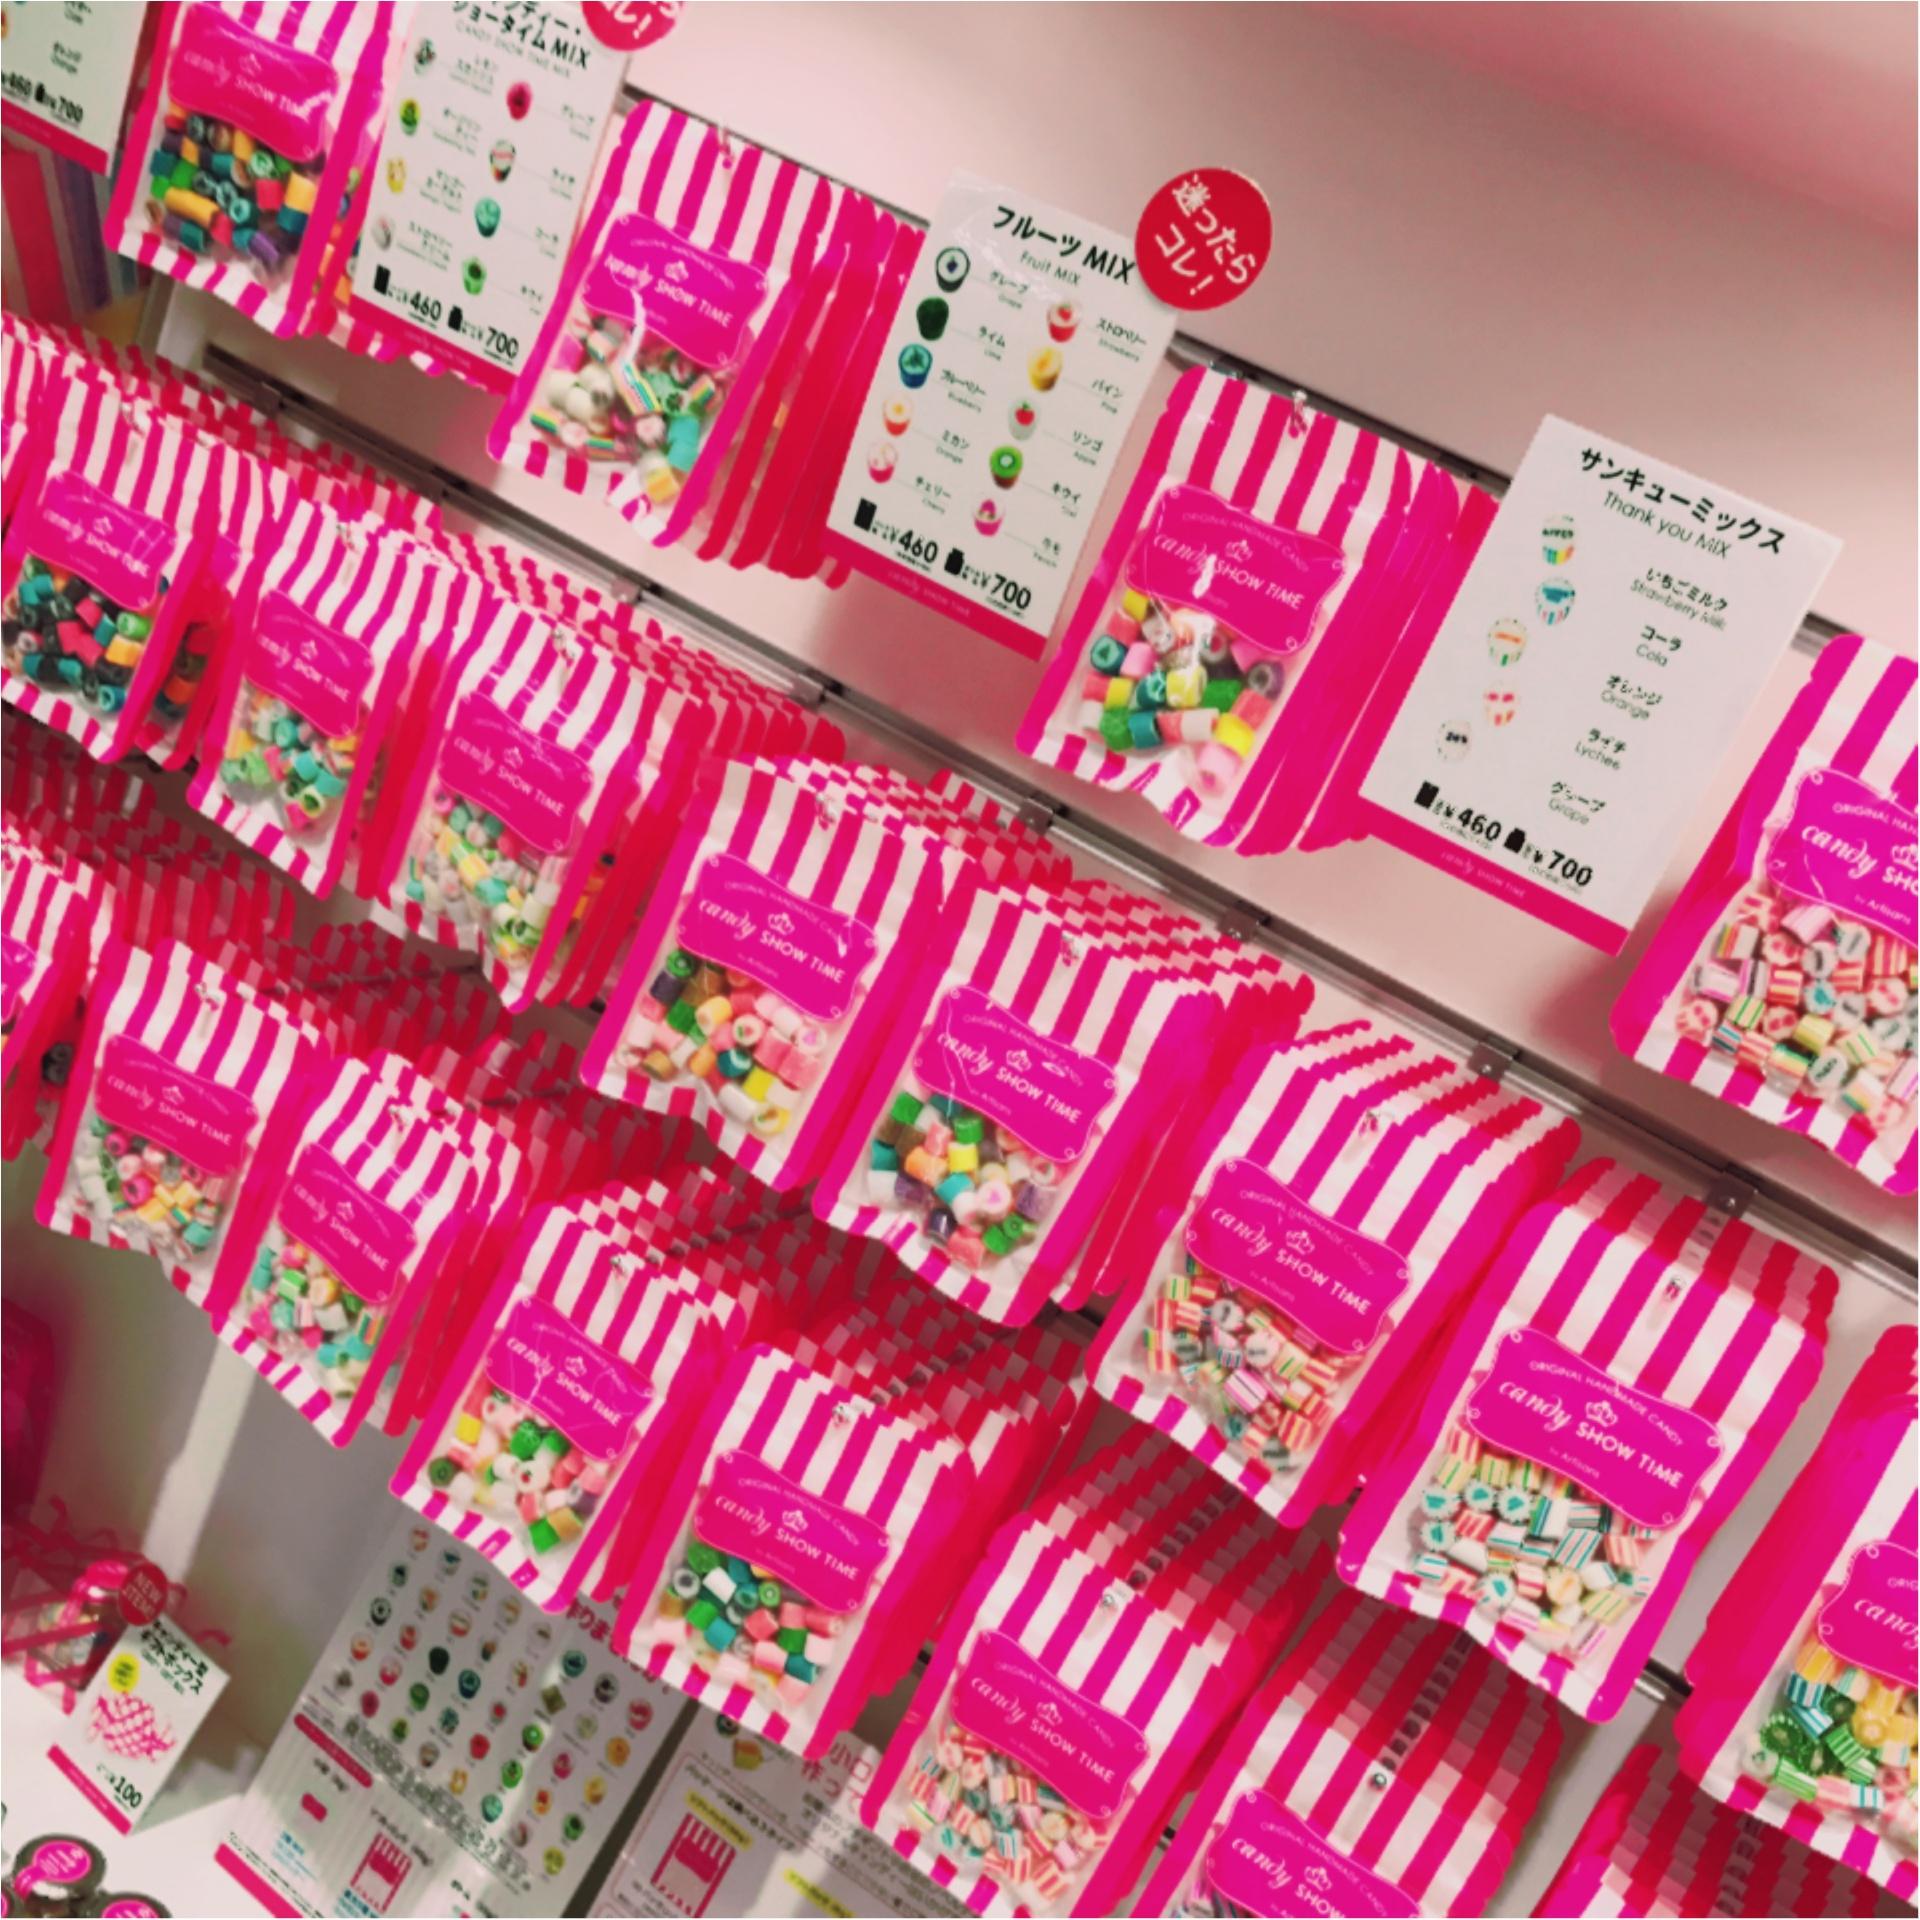 ★手土産にいかが?見た目も可愛い『candy SHOW TIME』の手作りキャンディーはお呼ばれに最適スイーツ★_2